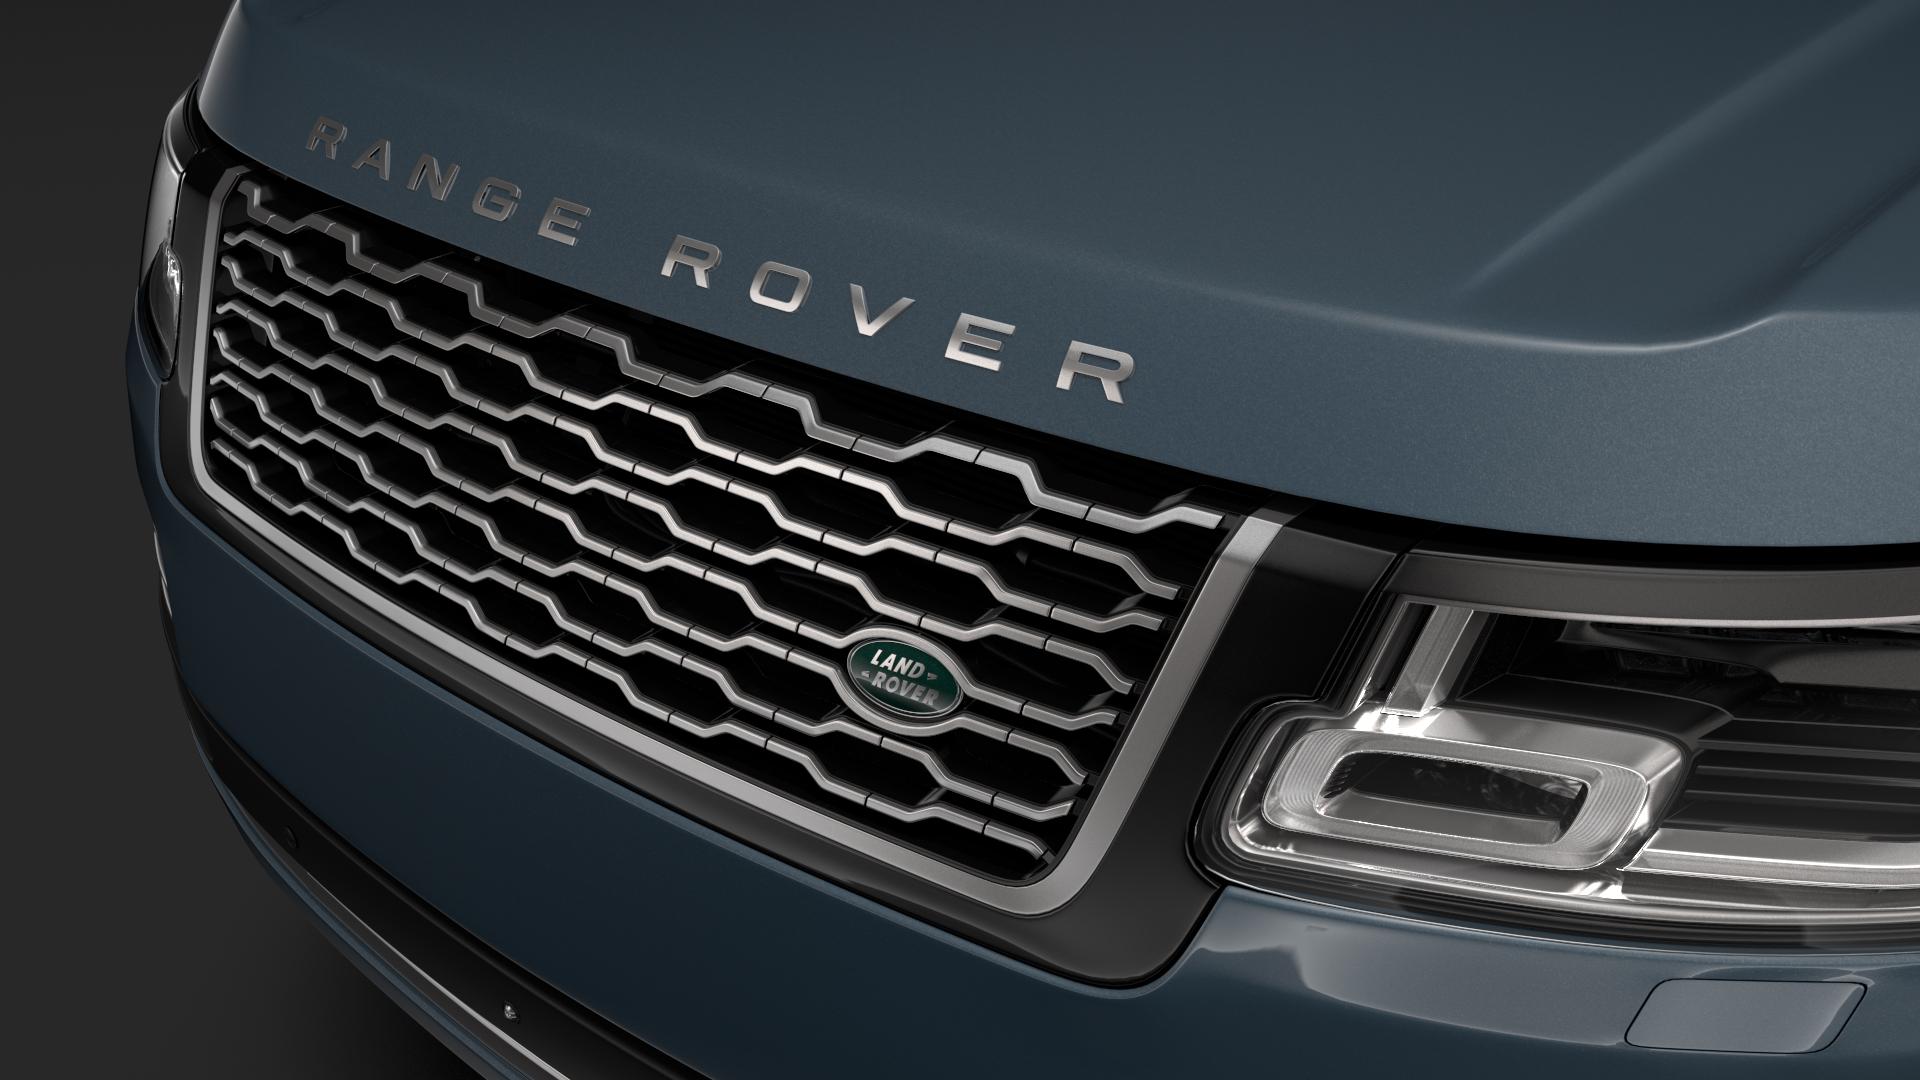 range rover autobiography (l405) 2018 3d model max fbx c4d lwo ma mb hrc xsi obj 278056